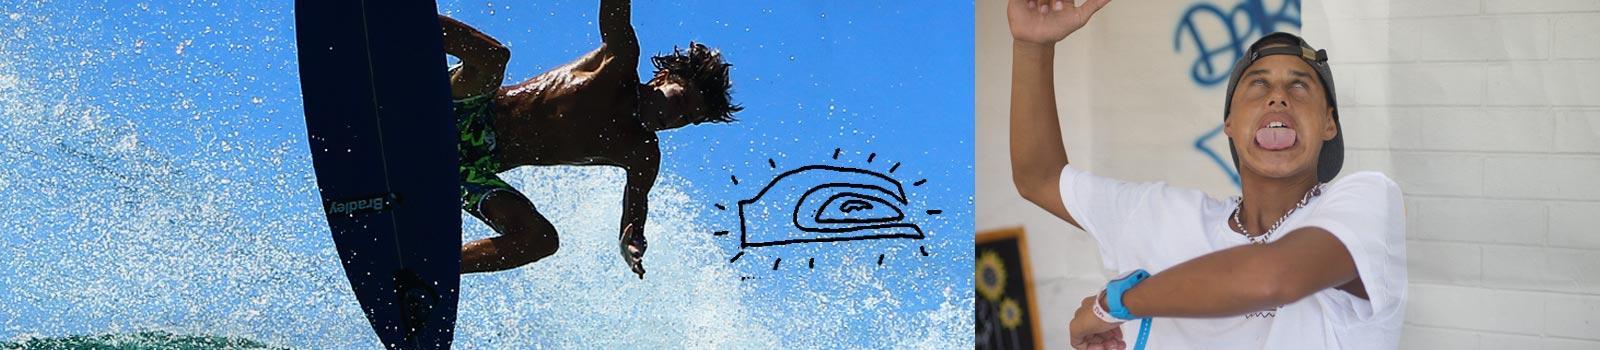 Купить детскую одежду для серфинга, купить детские серферские аксессуары